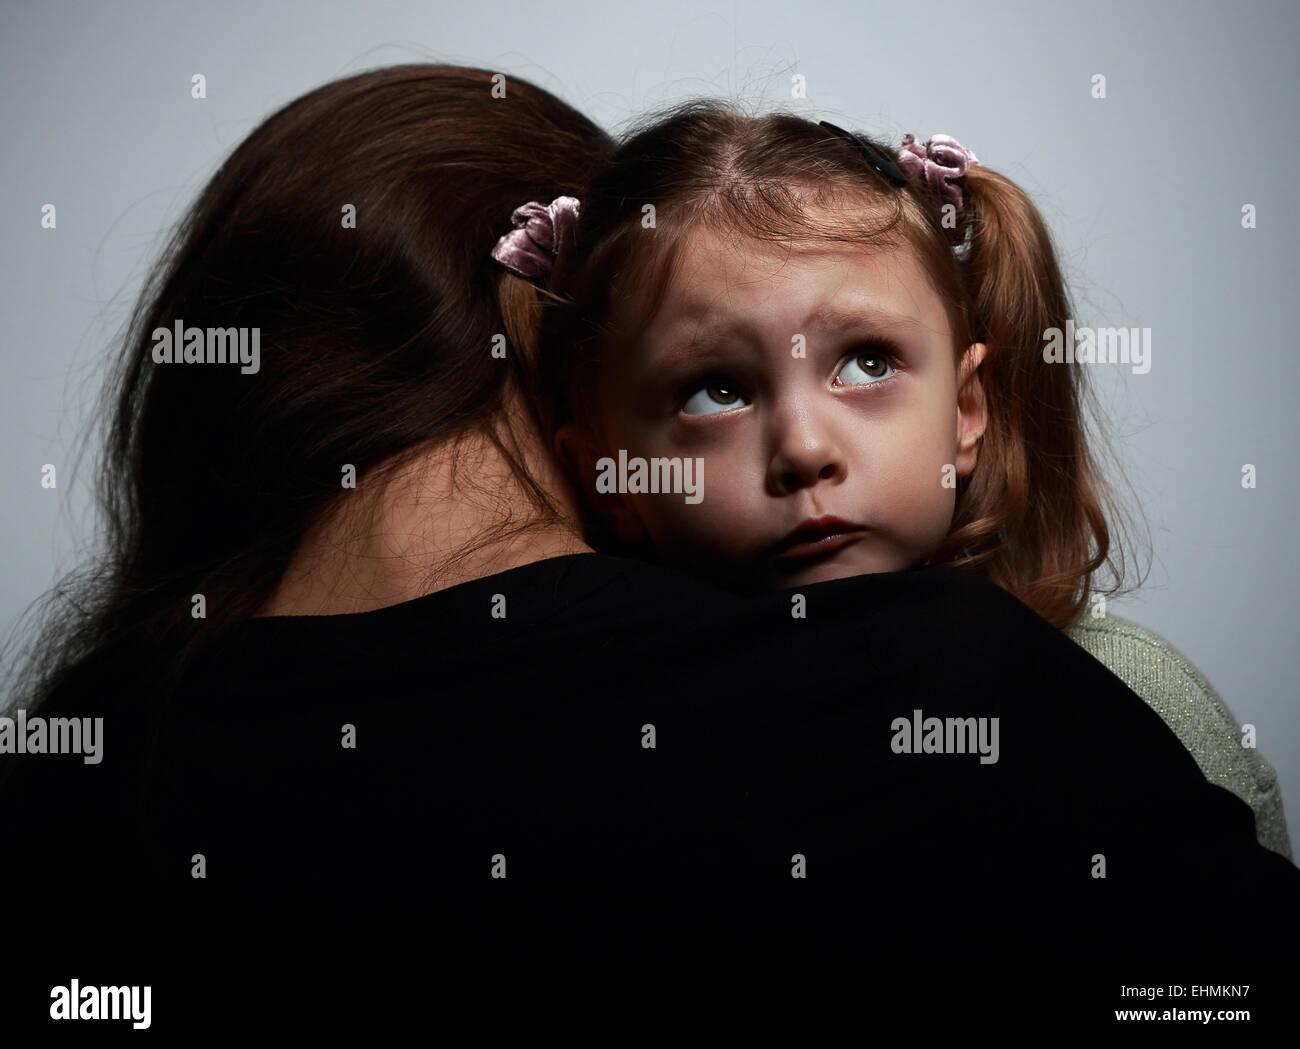 Pensamiento triste hija abrazando a su madre y mirando hacia arriba sobre fondo oscuro Imagen De Stock